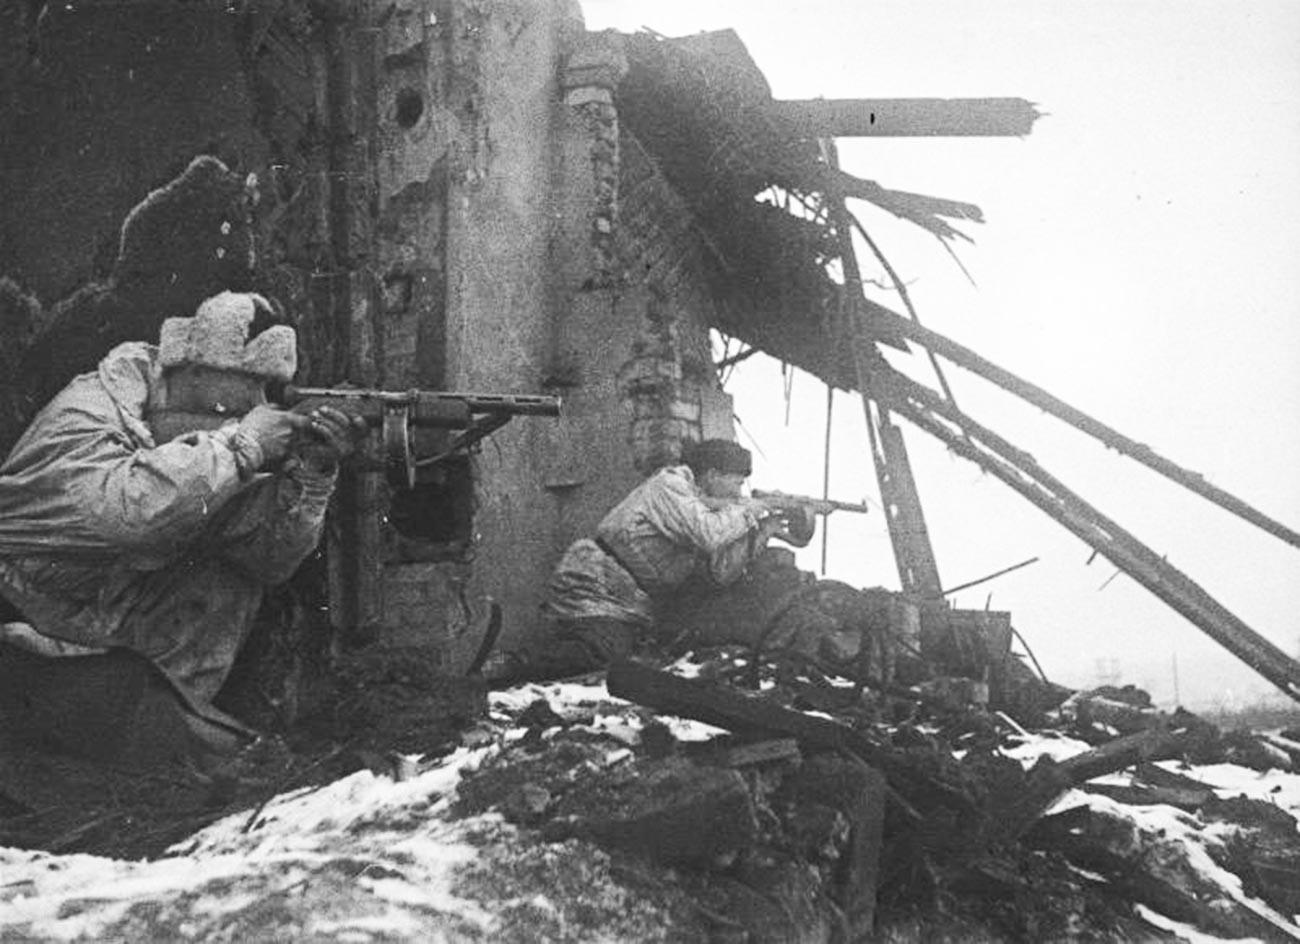 Bataille de Leningrad